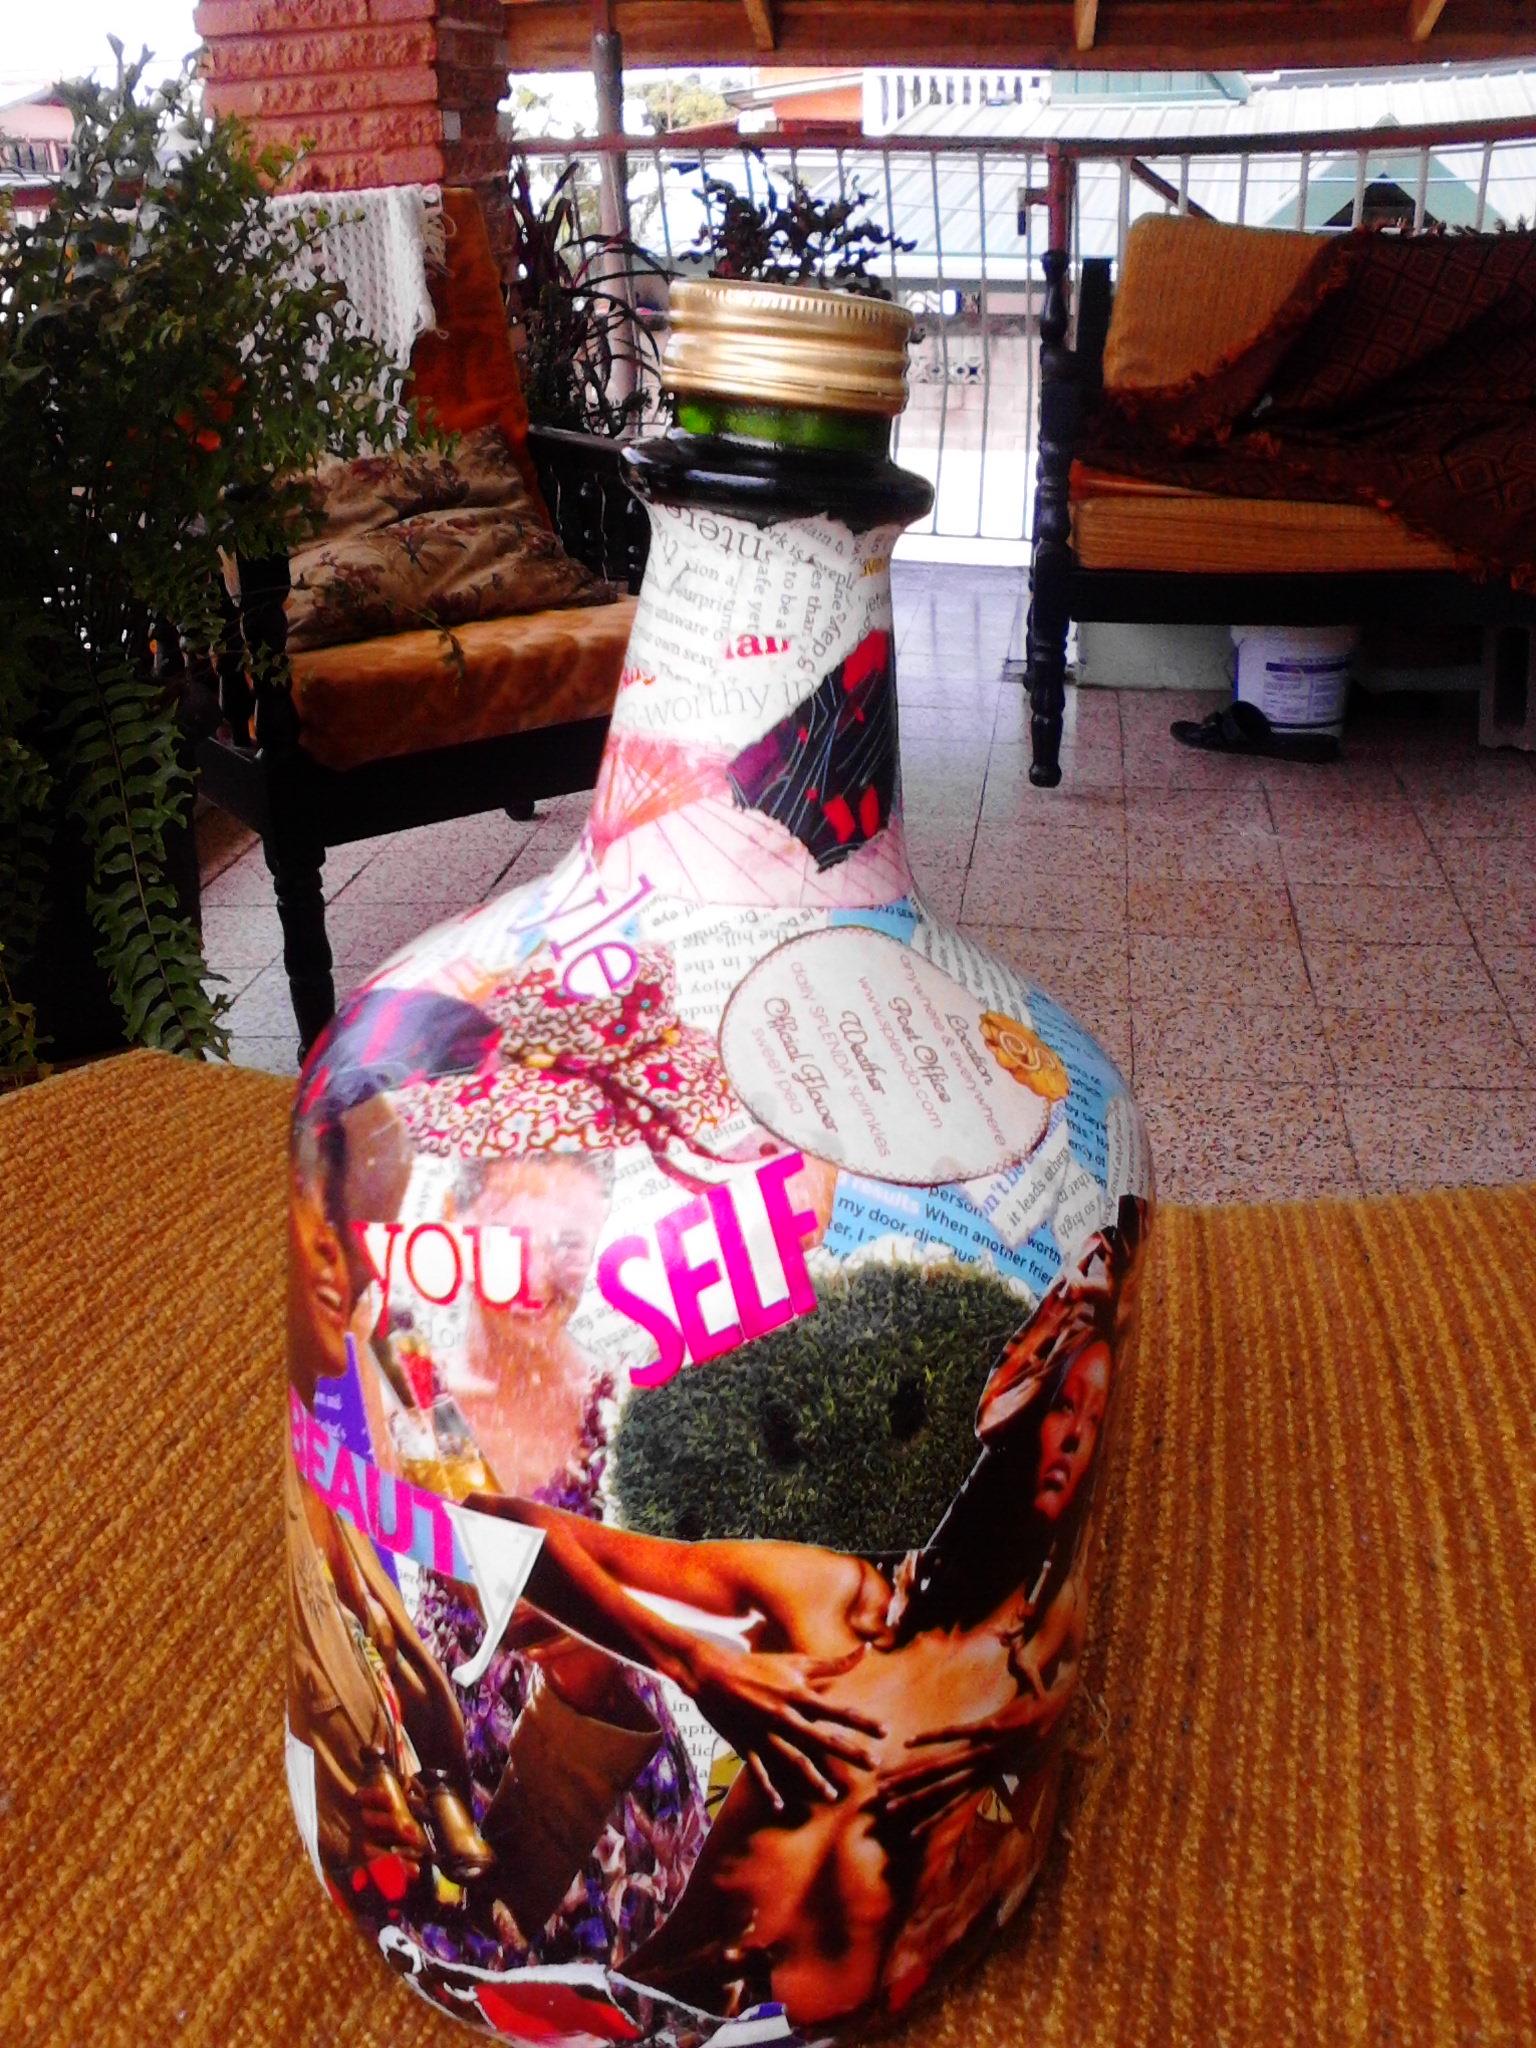 Decoupage a wine bottle